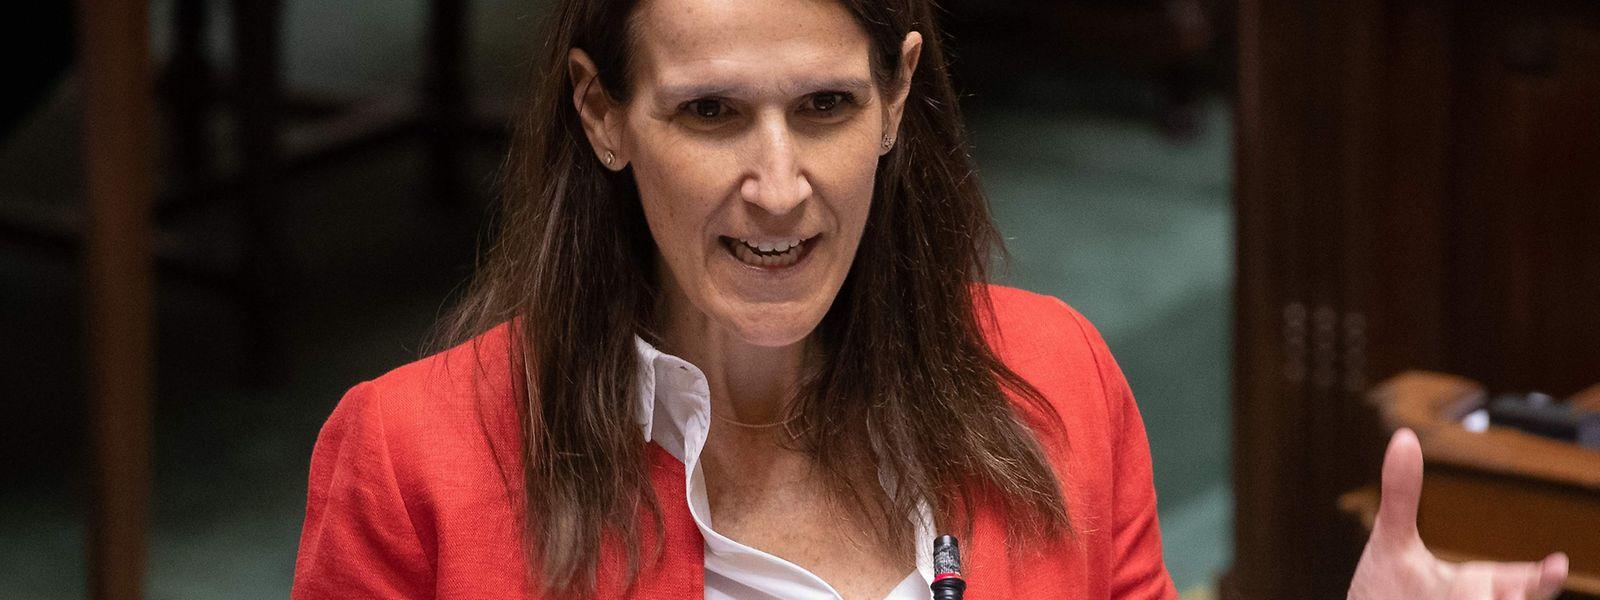 Sophie Wilmès n'en finit pas d'être chahutée à la tête d'un gouvernement décidément bien fragile.